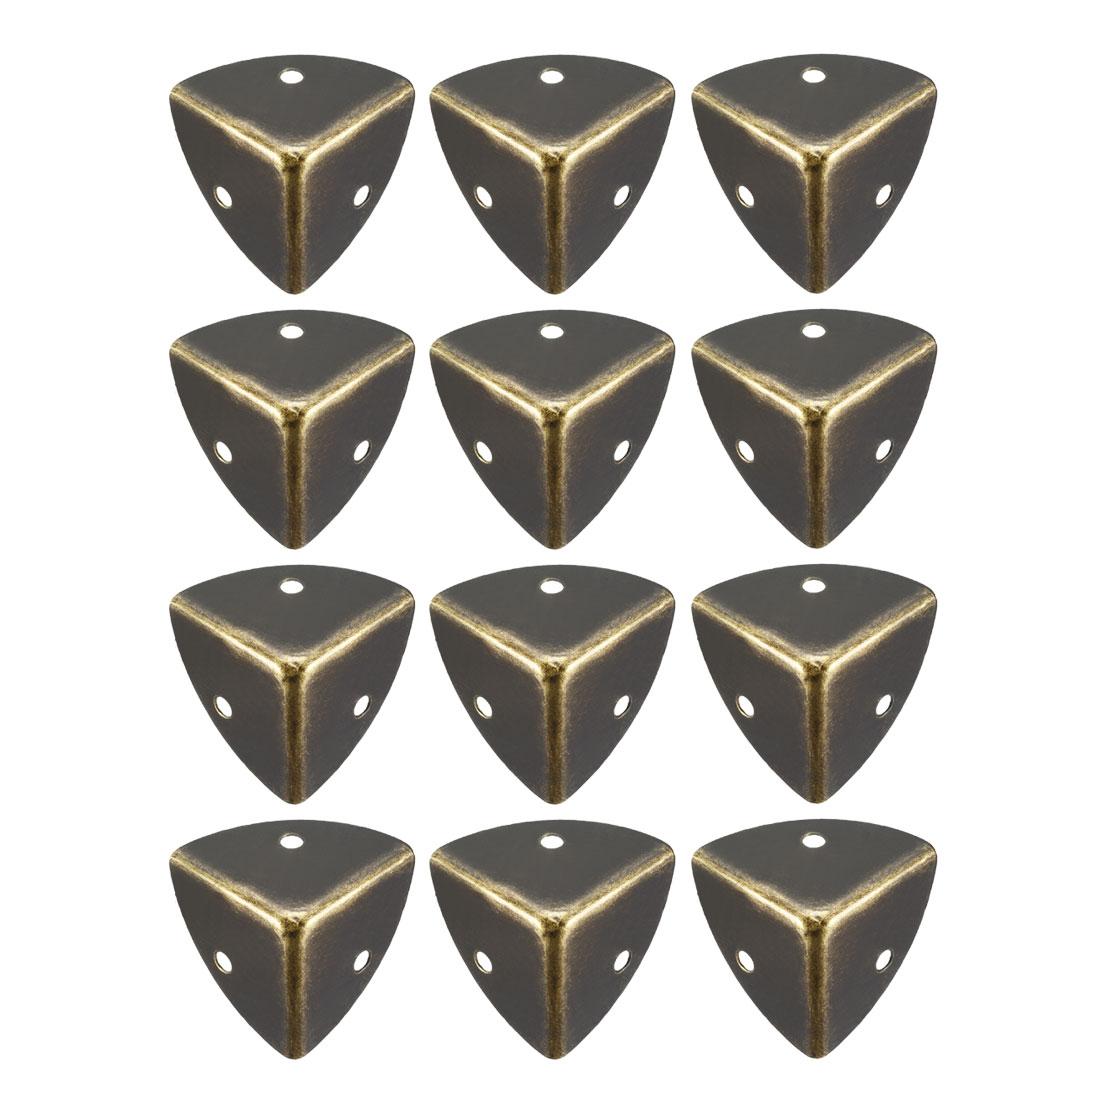 Metal Box Corner Protectors Edge Guard Protector 28x28x28mm Bronze Tone 12pcs